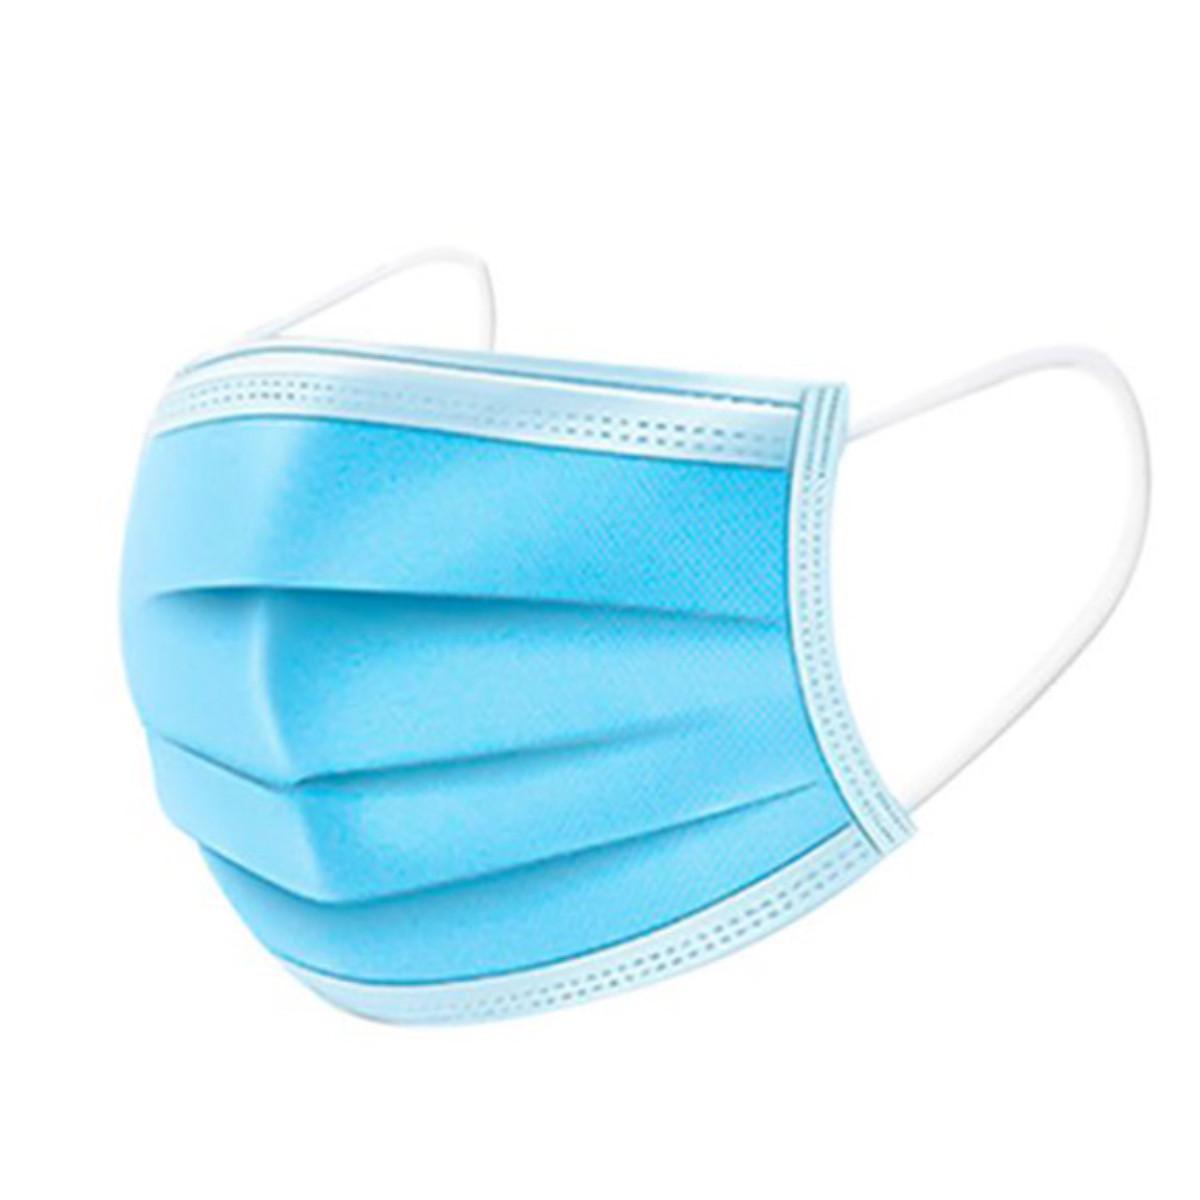 Hygiene Face Mask